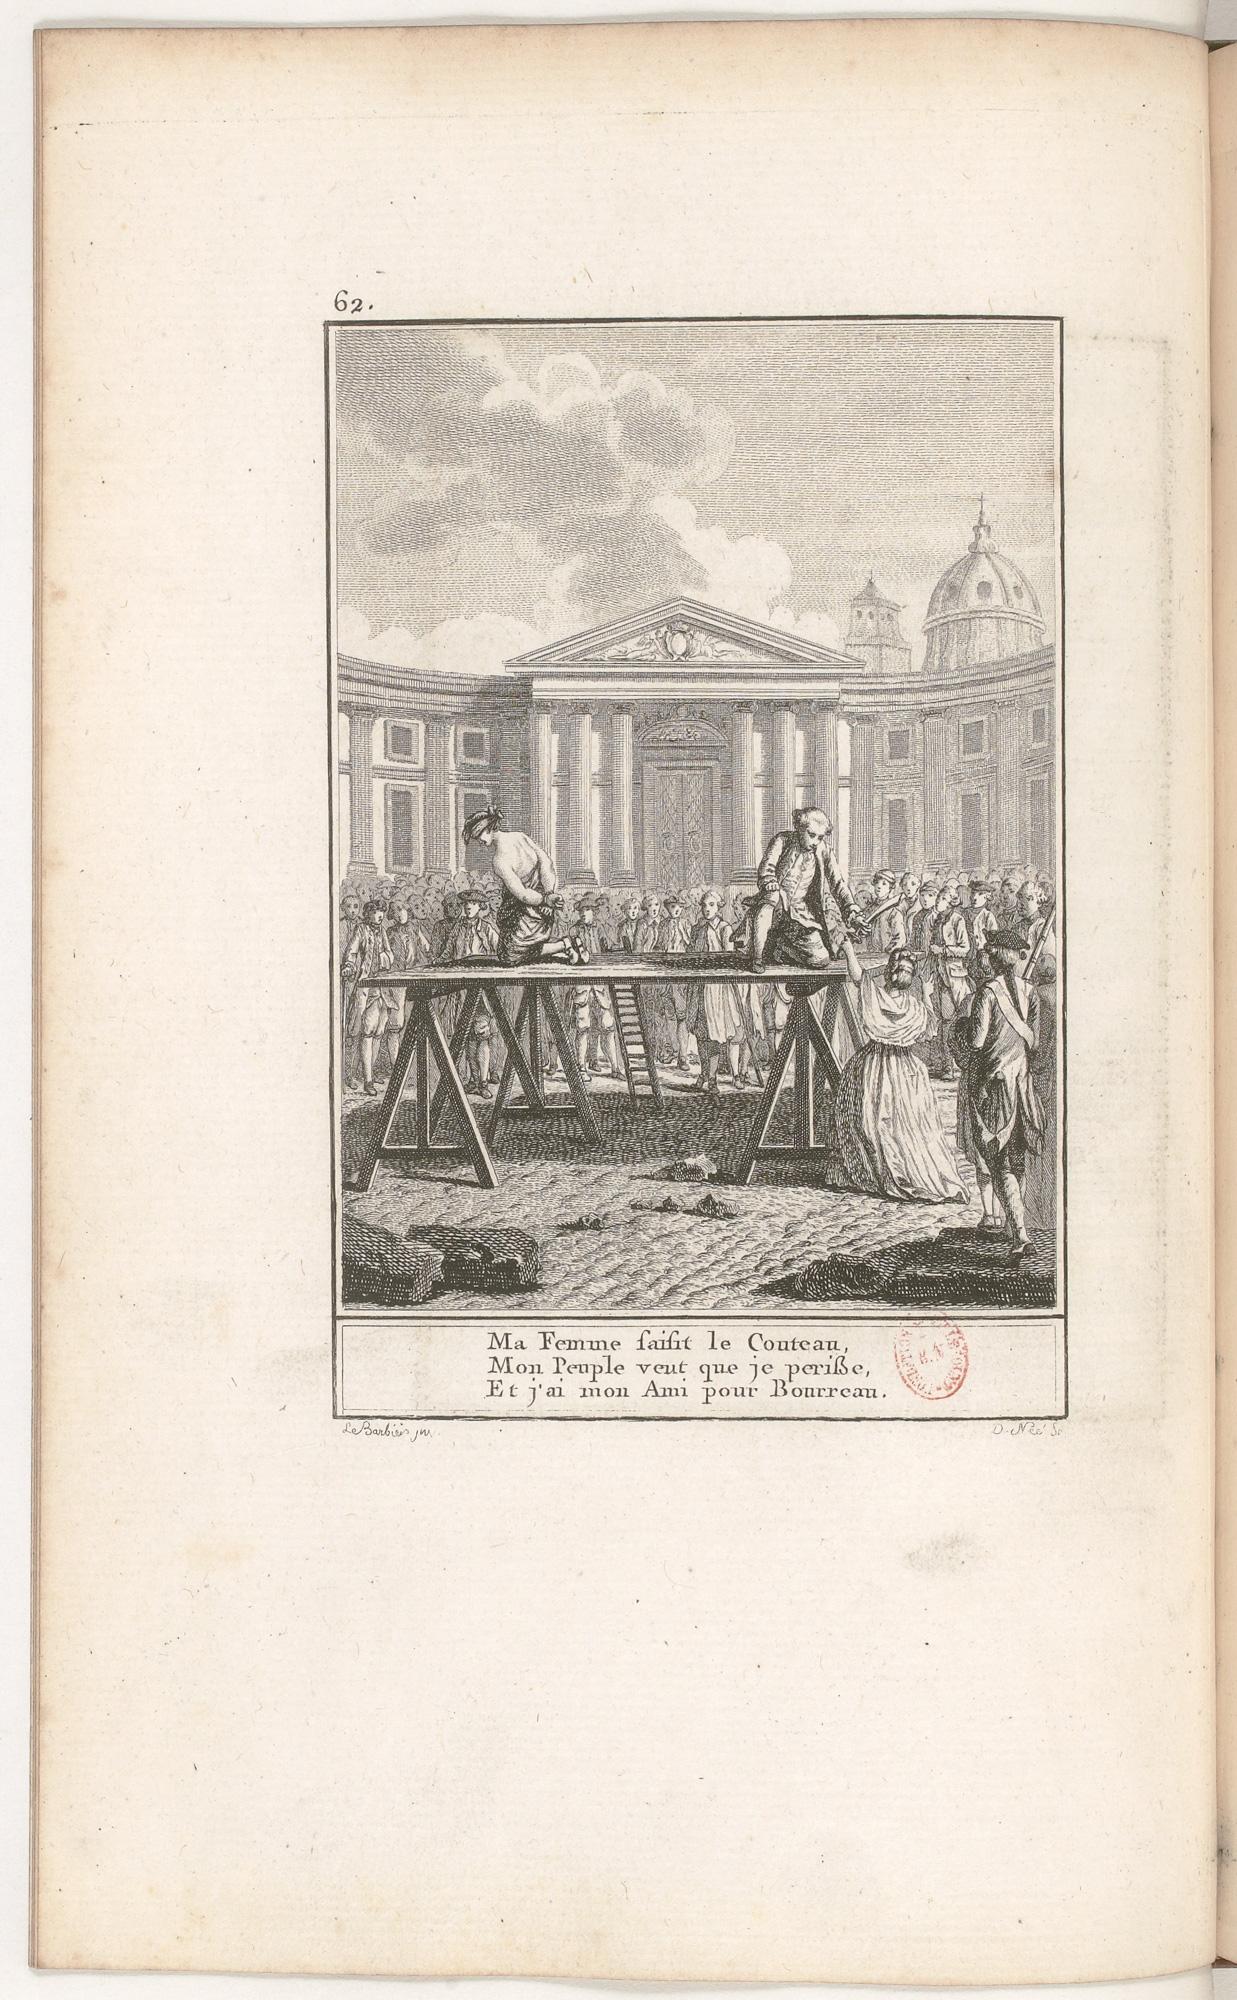 S.4.11 Le mécontent, 1772, Image